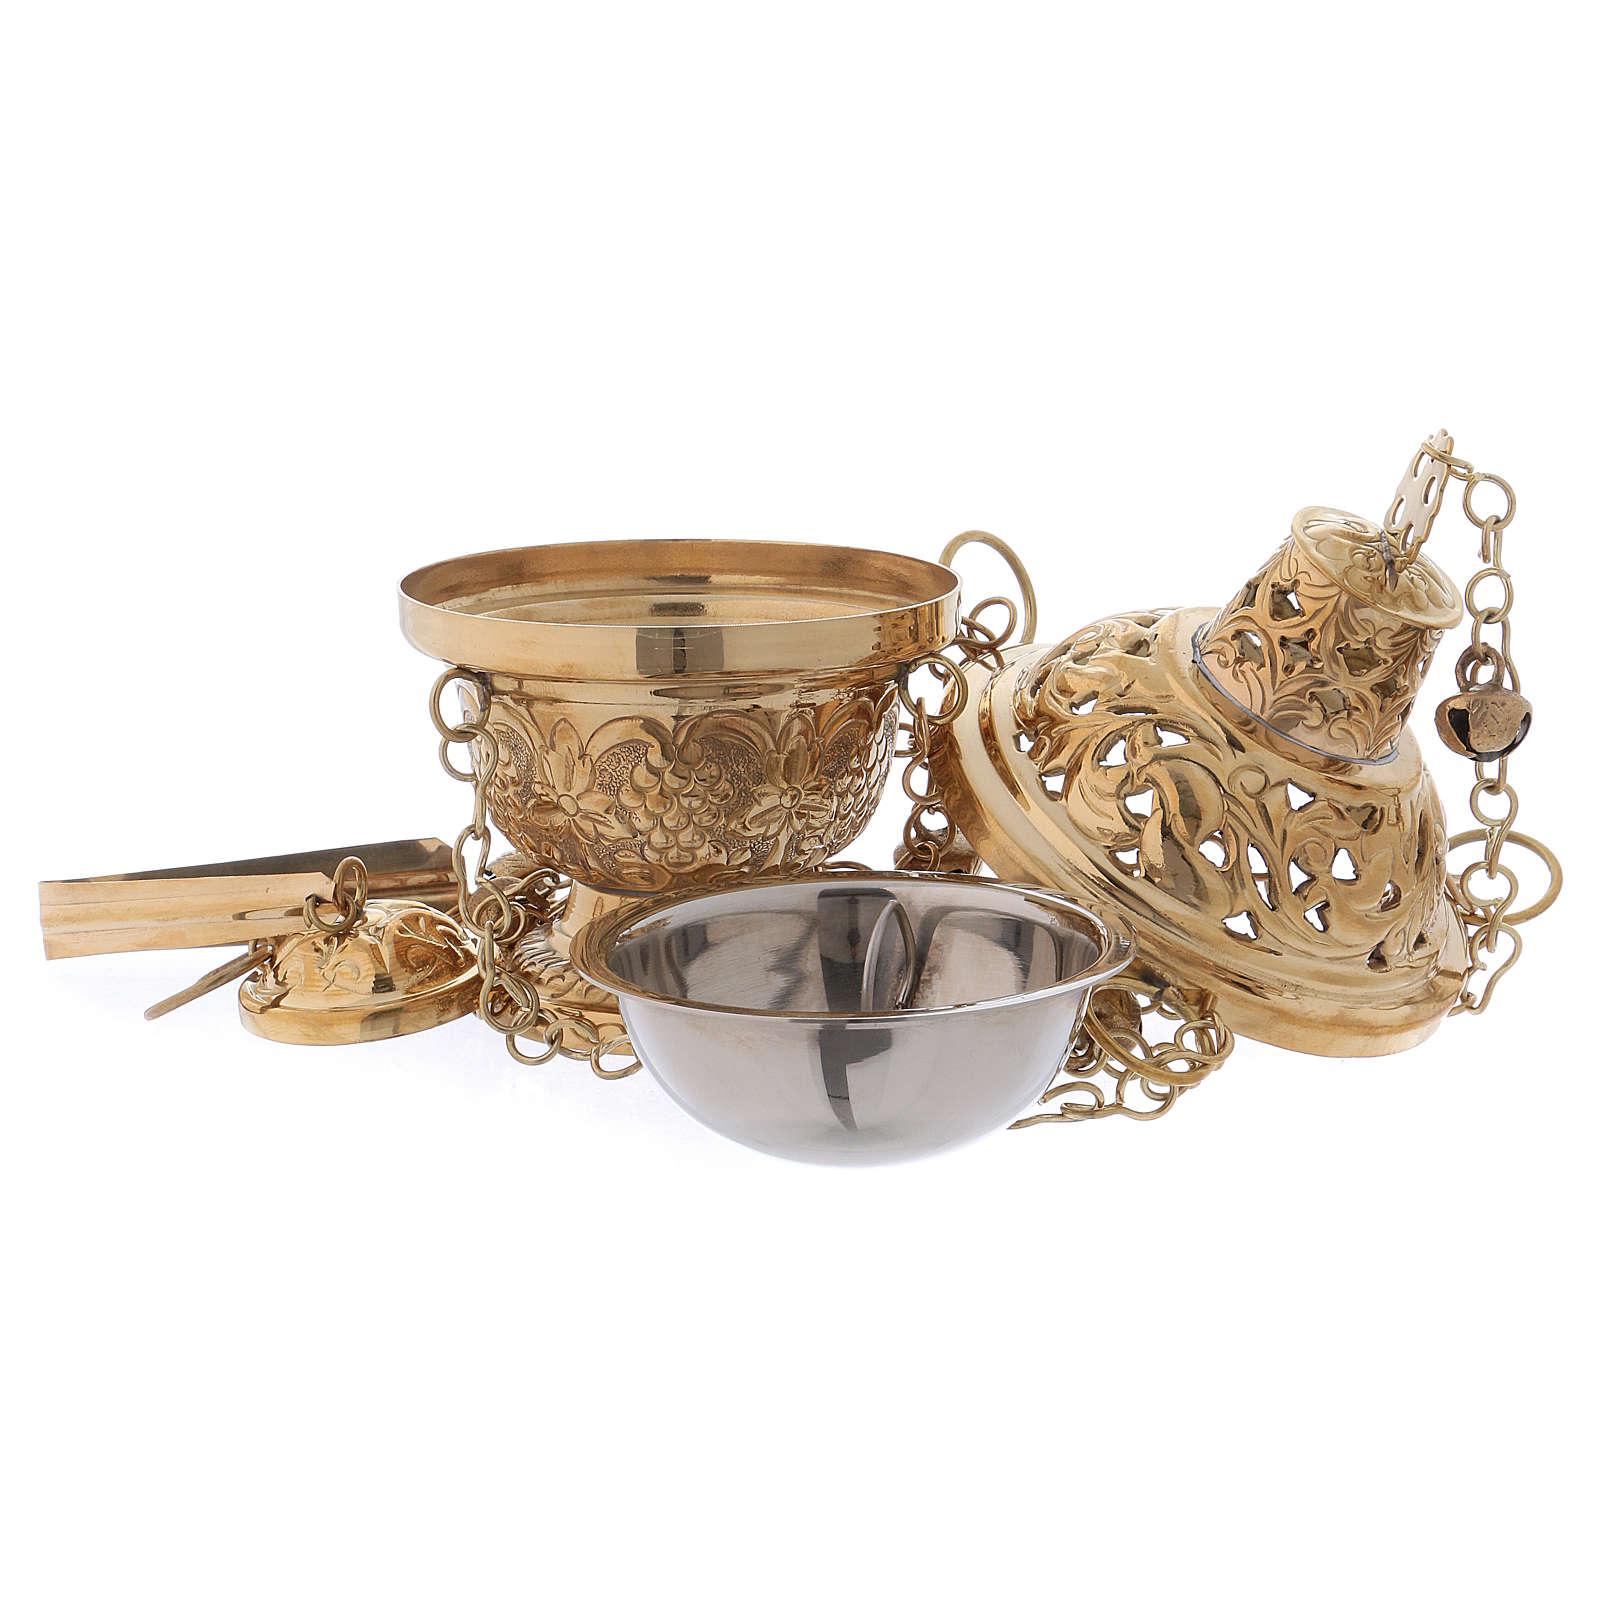 Incensario de latón dorado lúcido estilo ortodoxo h 16 cm 3